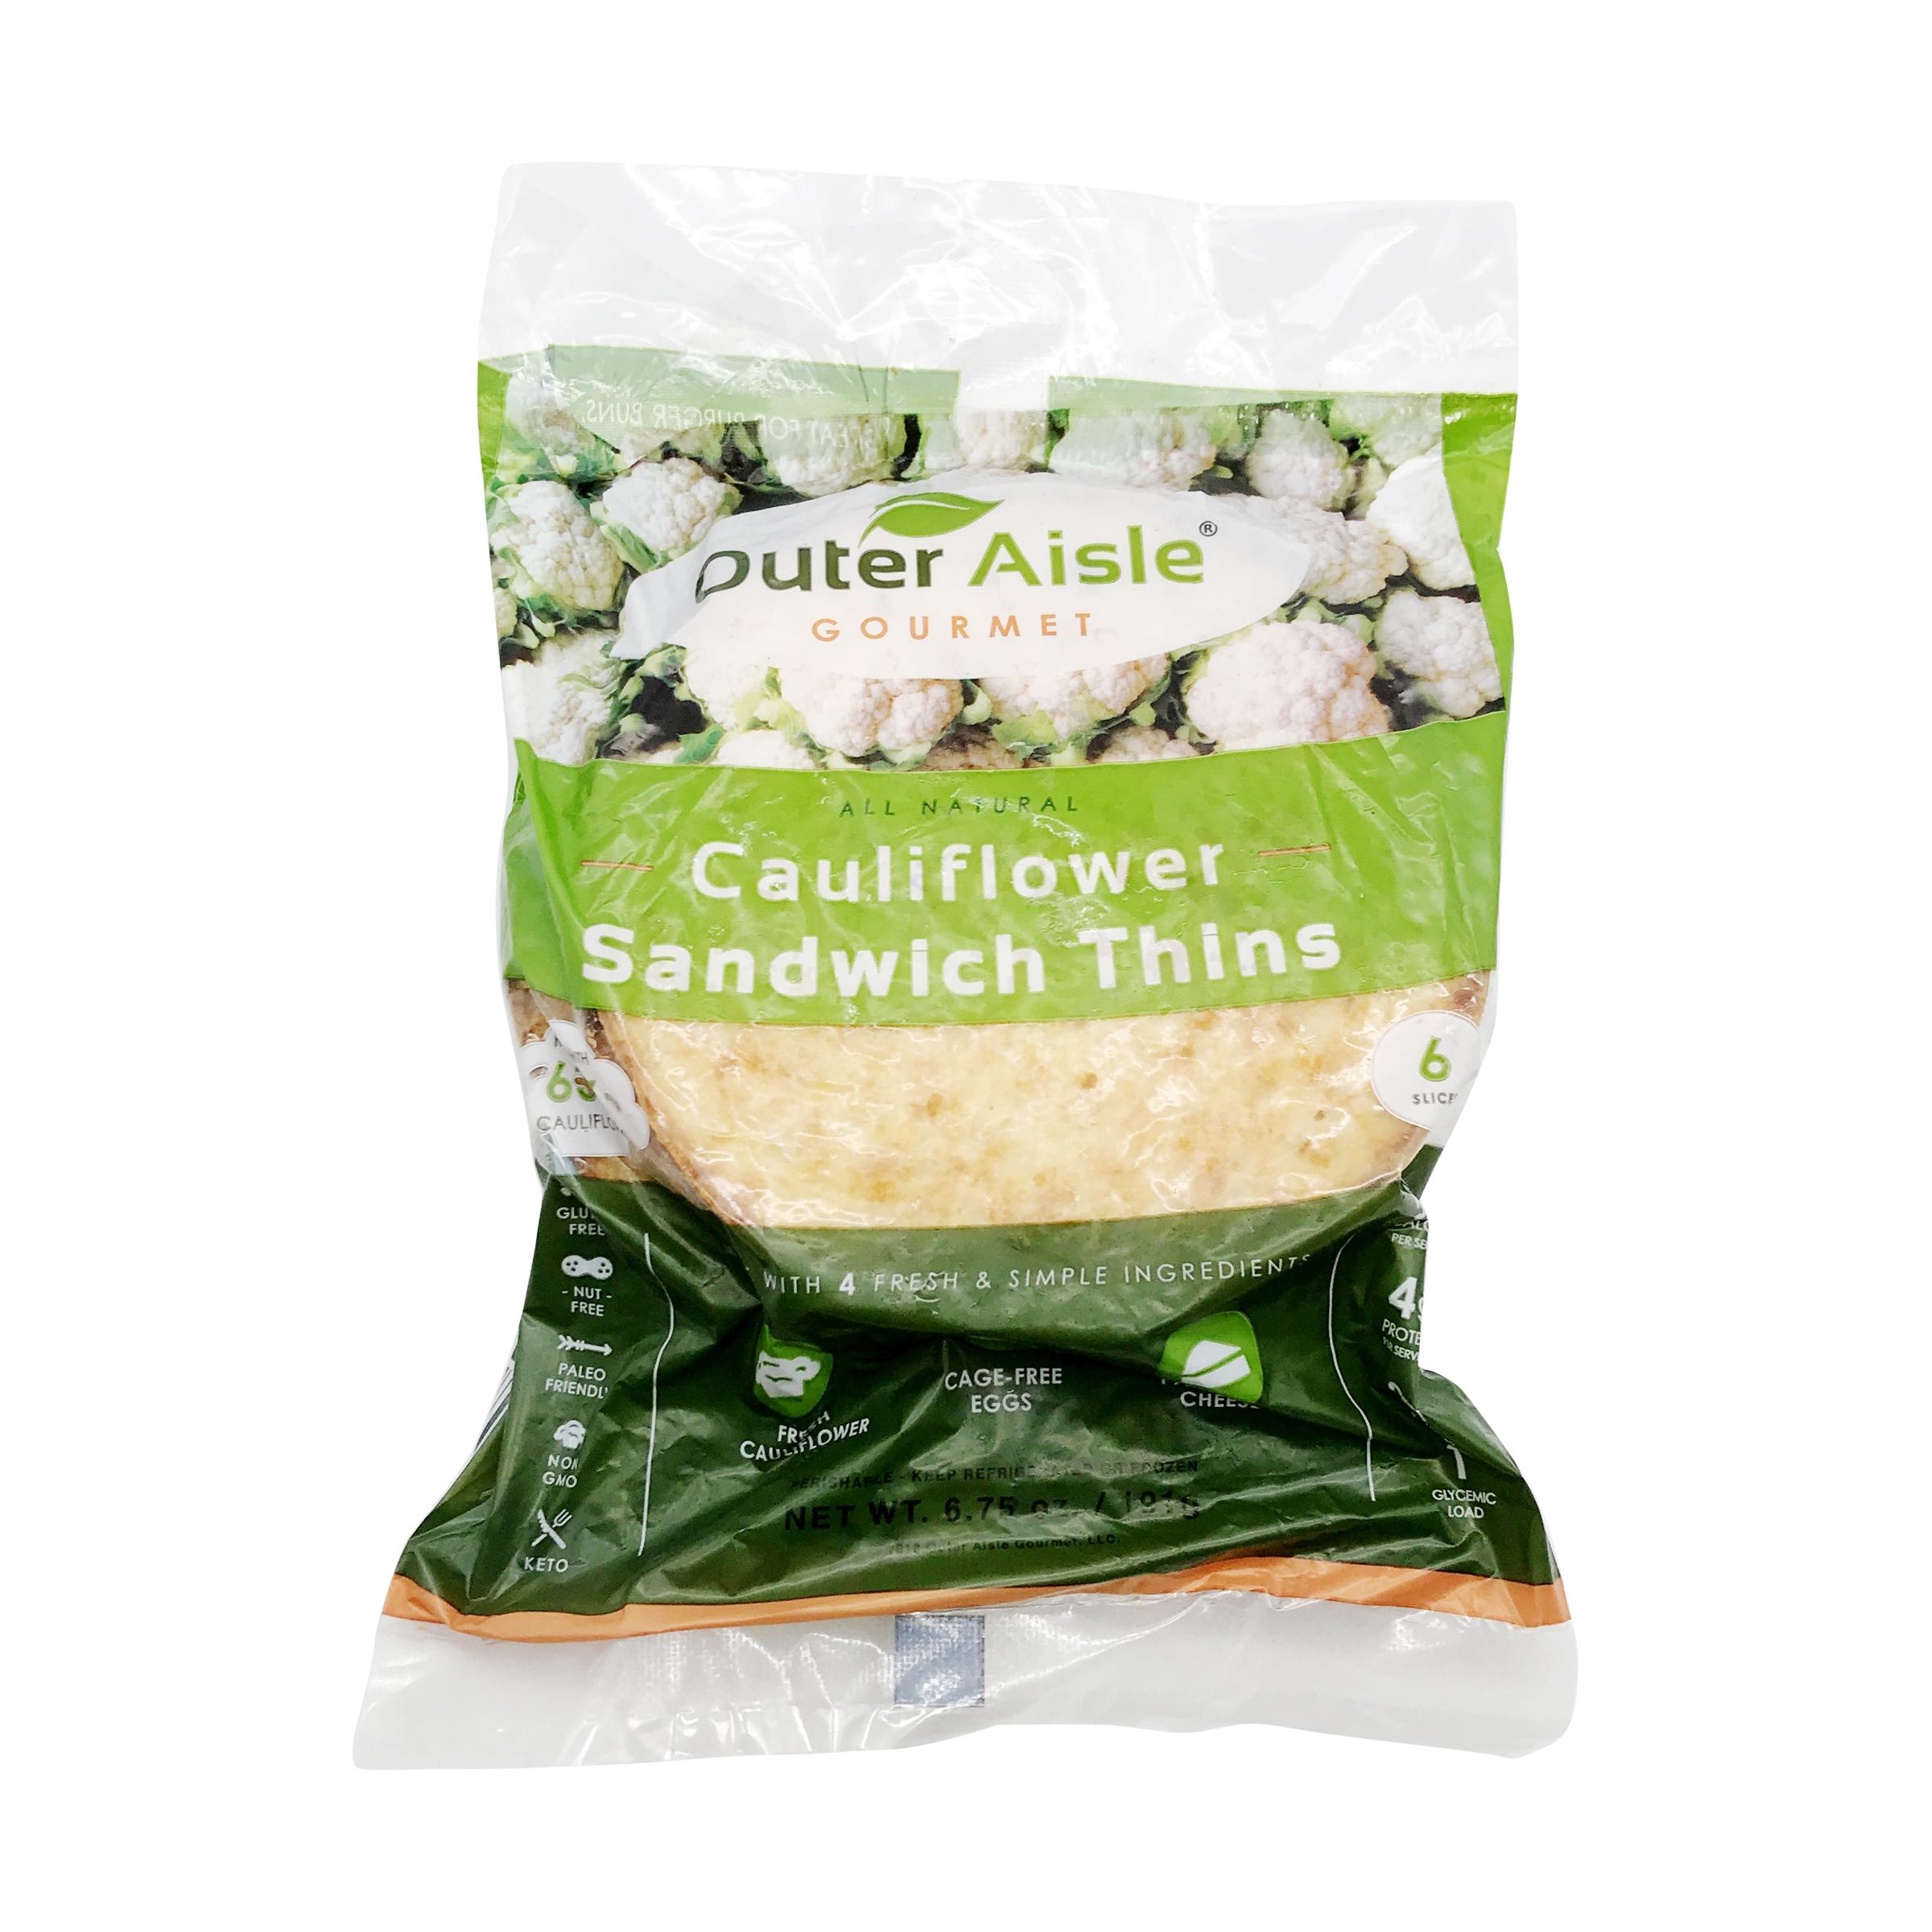 Cauliflower Sandwich Thins, 6 75 oz, Outer Aisle Gourmet